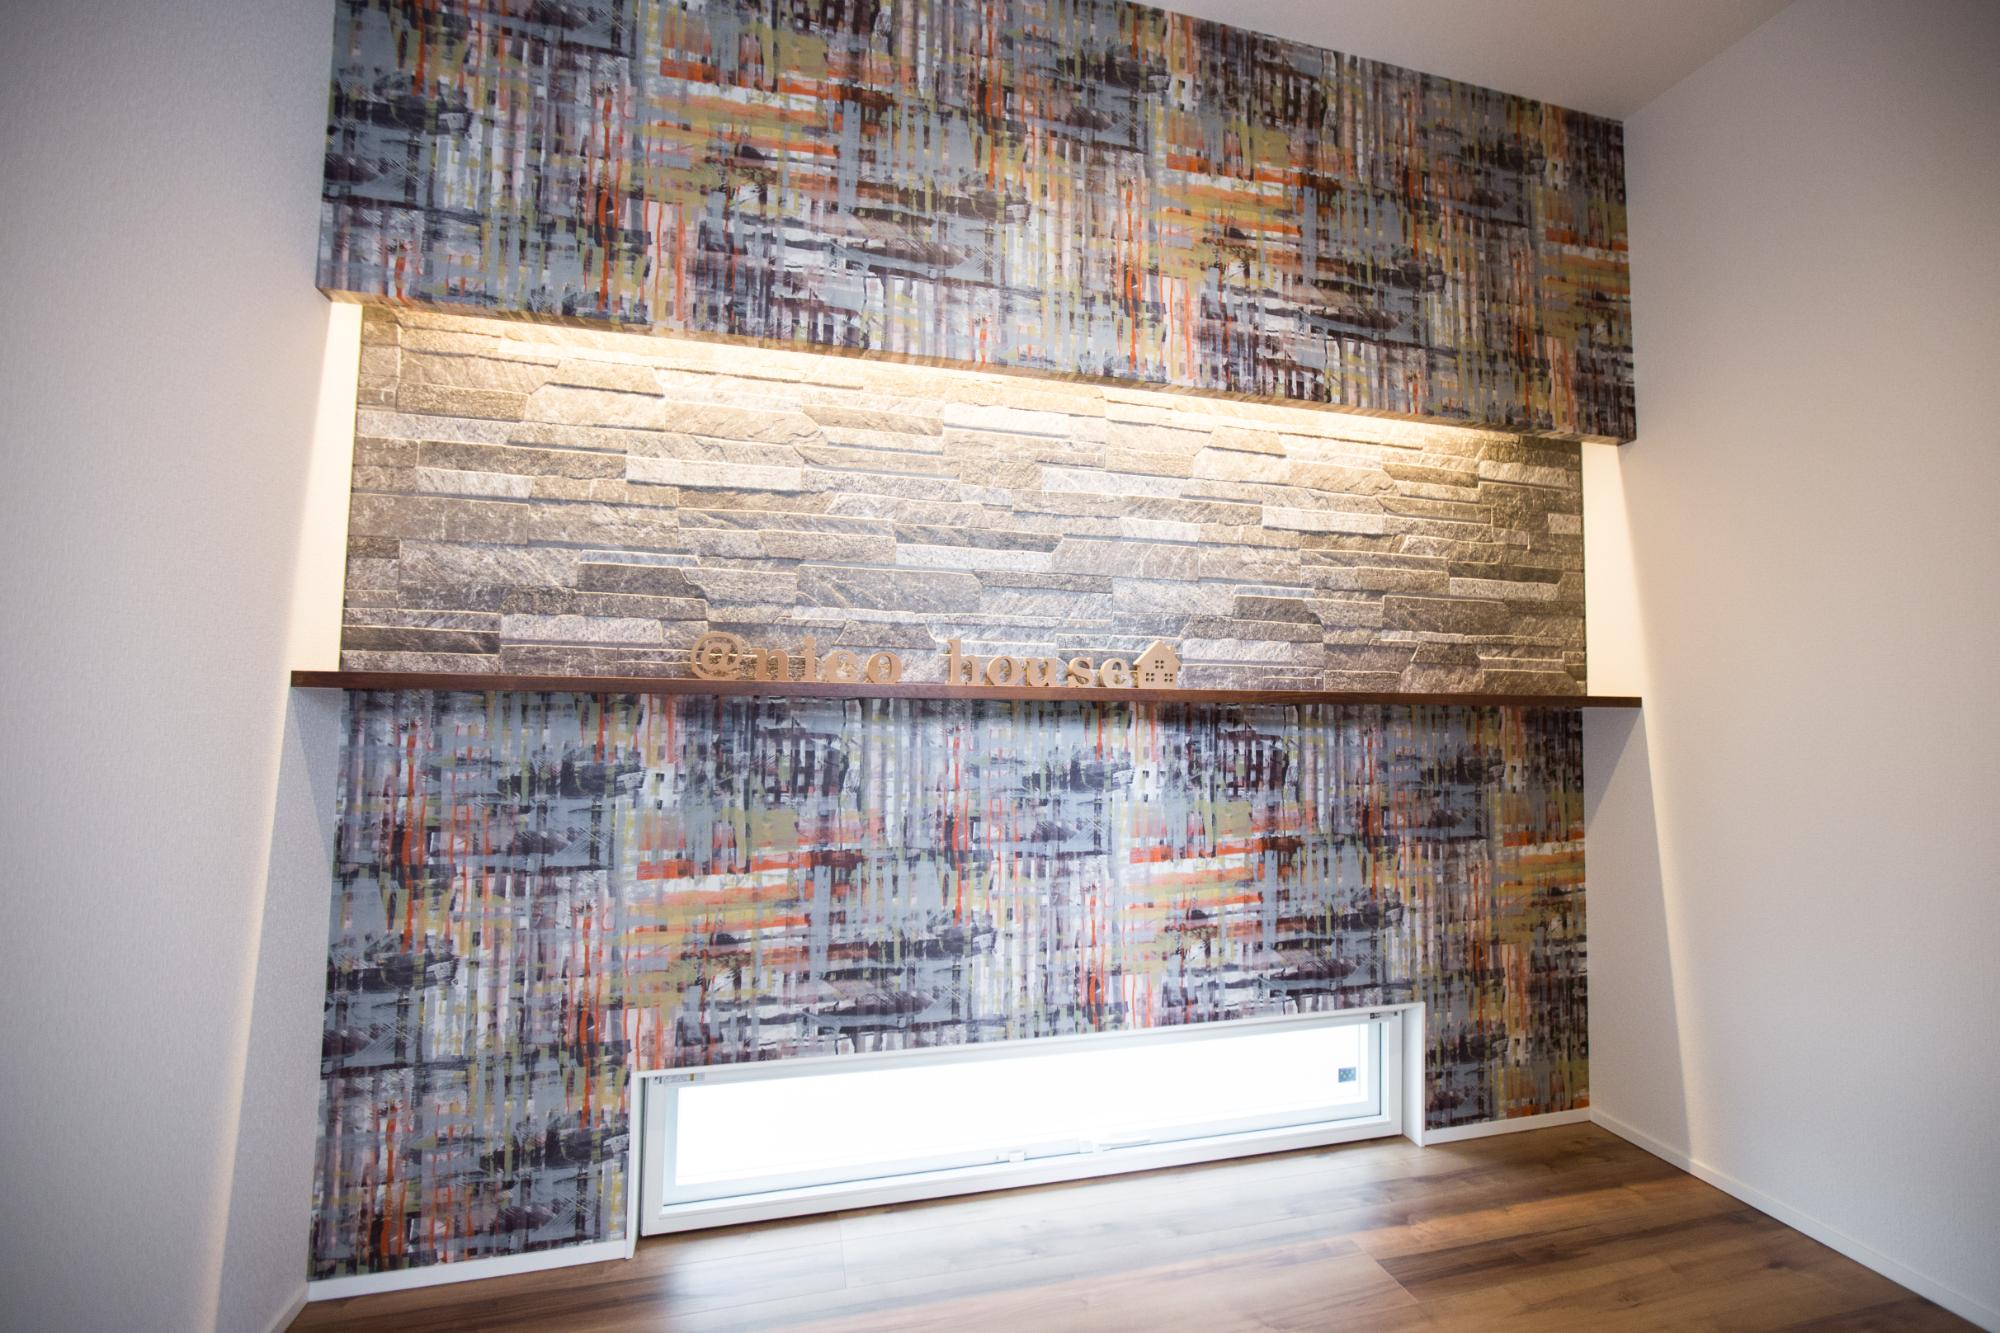 ニコハウス株式会社「ゆとり空間とこだわりが詰まったスタイリッシュハウス」の玄関の実例写真